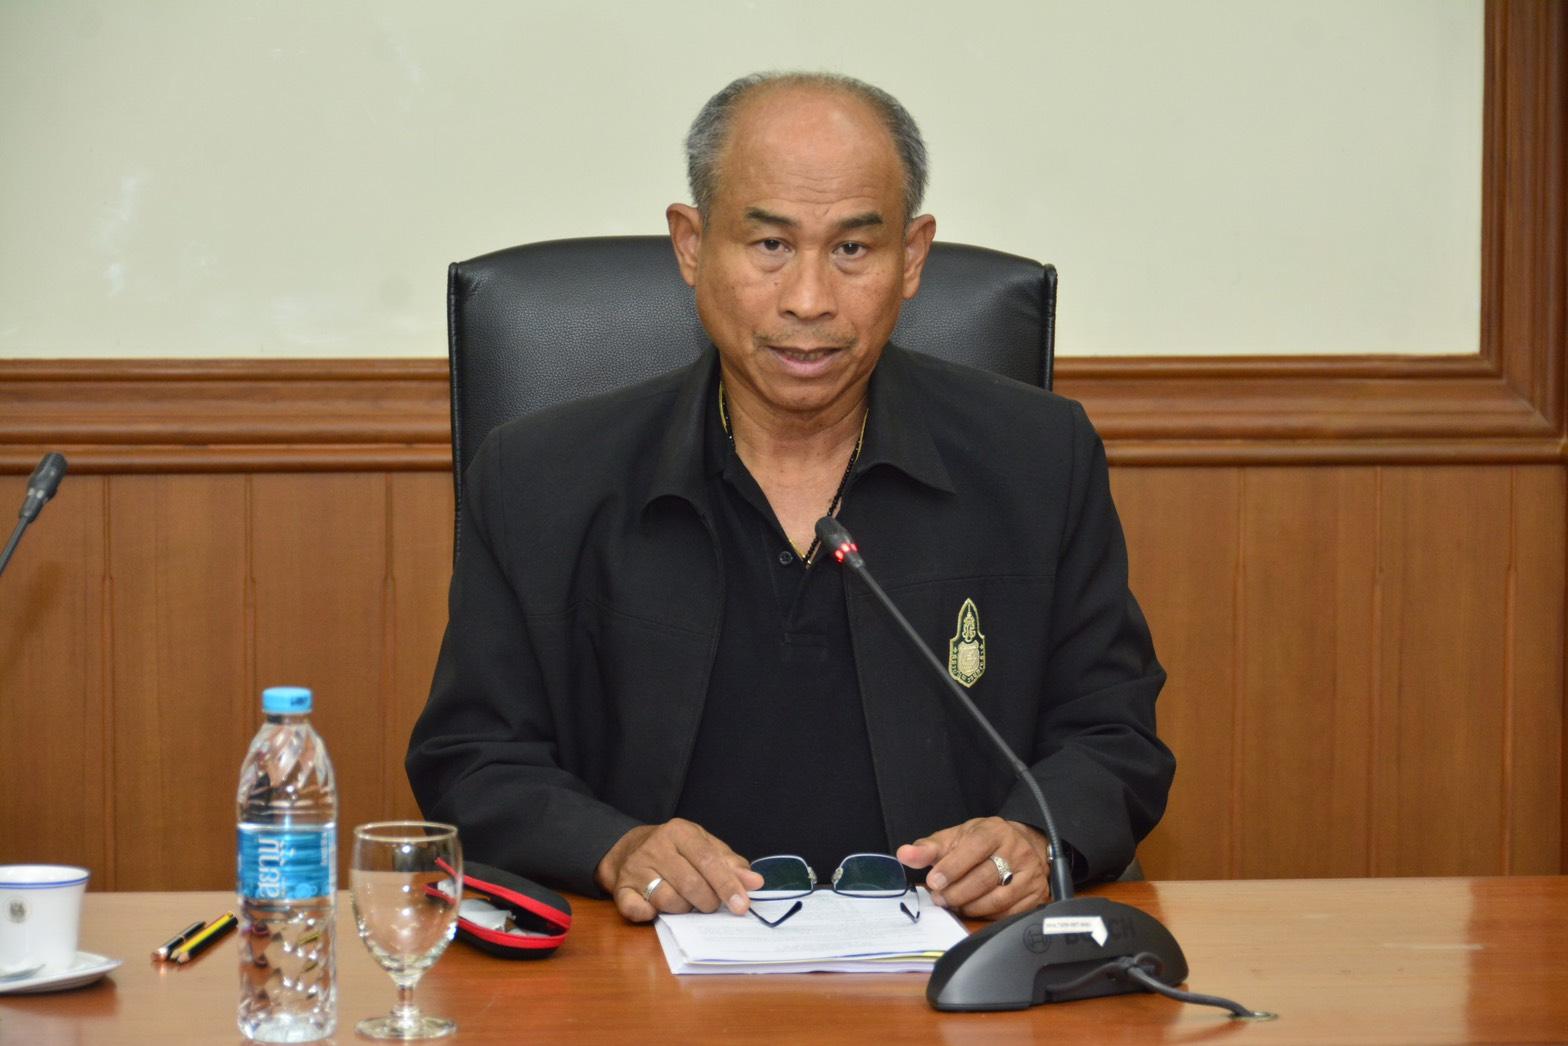 กกจ.จัดประชุมชี้แจงแนวทางการประเมินส่วนราชการตามมาตรการปรับปรุงประสิทธิภาพในการปฏิบัติราชการมาตรา 44